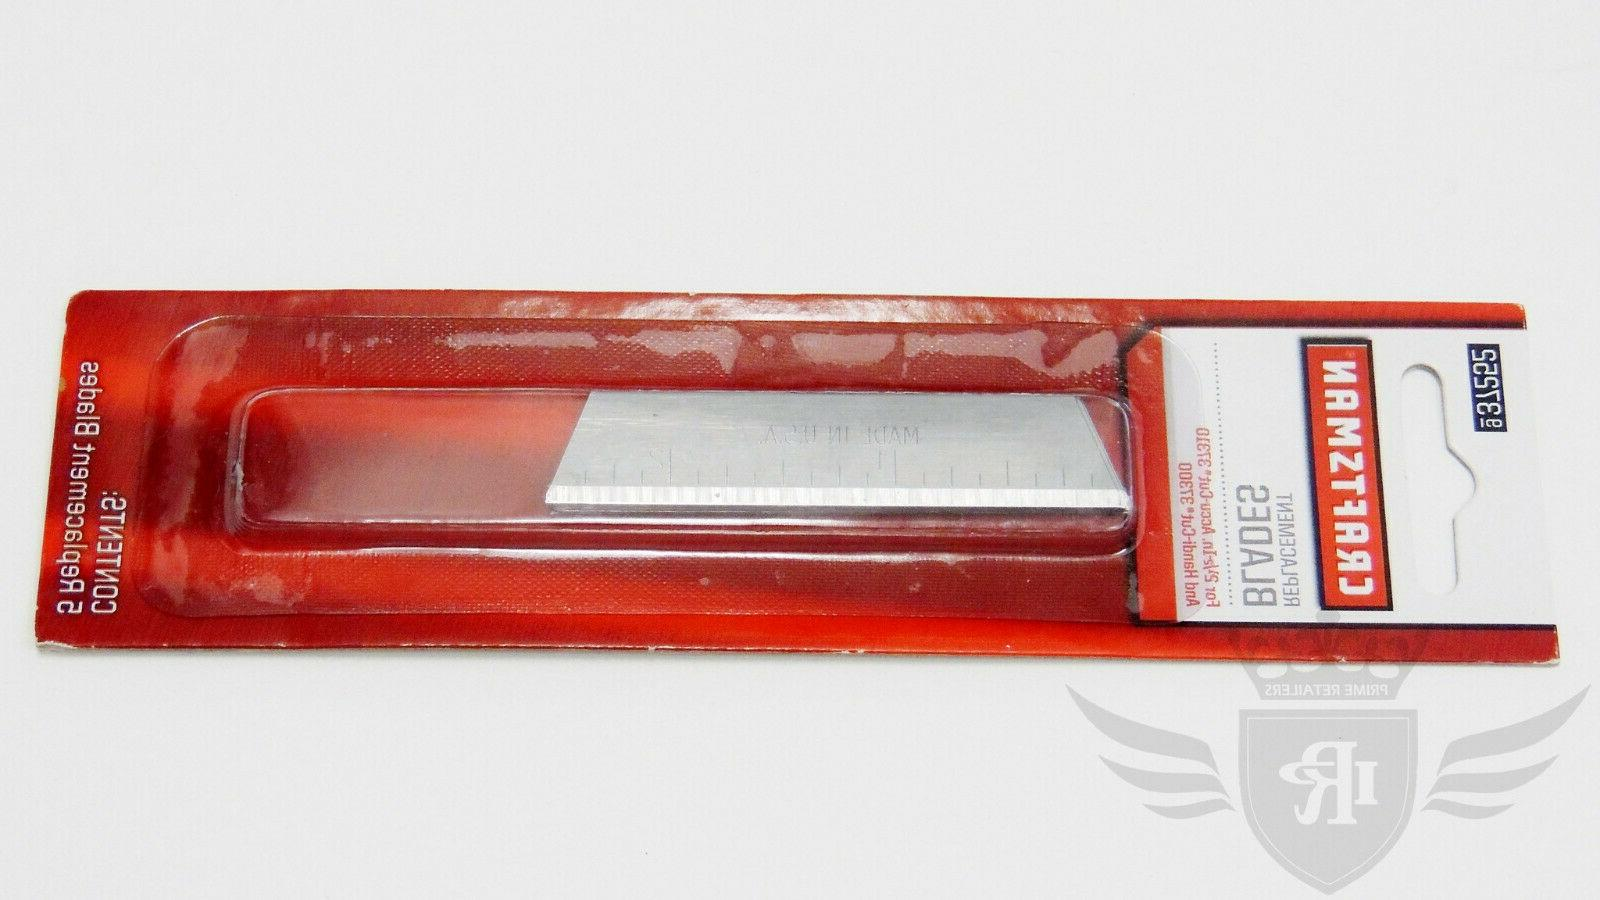 Craftsman Replacement Blades Accu-Cut Handi-Cut 37300